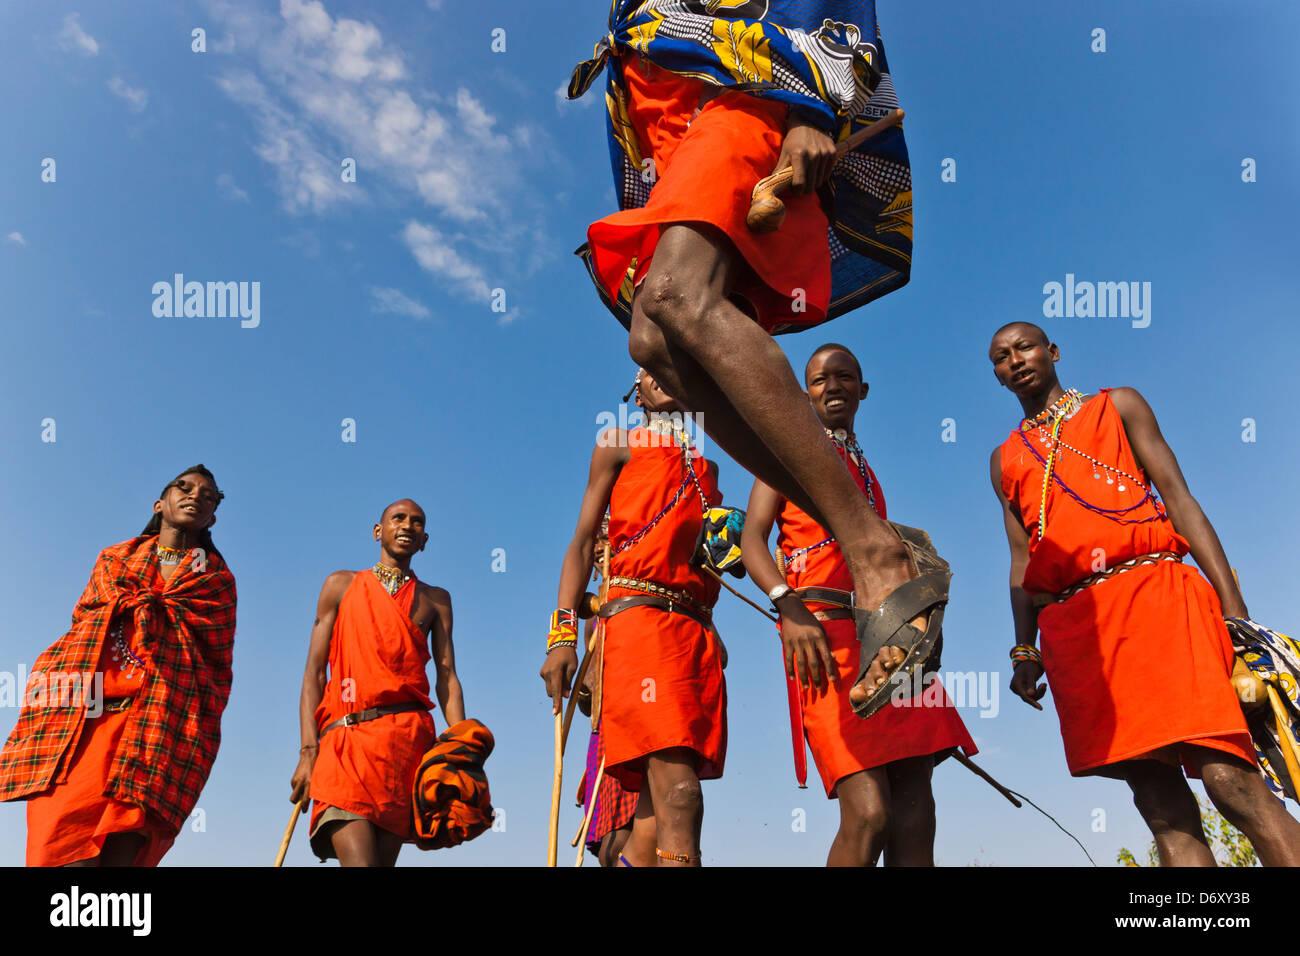 Todos executar saltos Masai dança, Masai Mara, Quênia Imagens de Stock